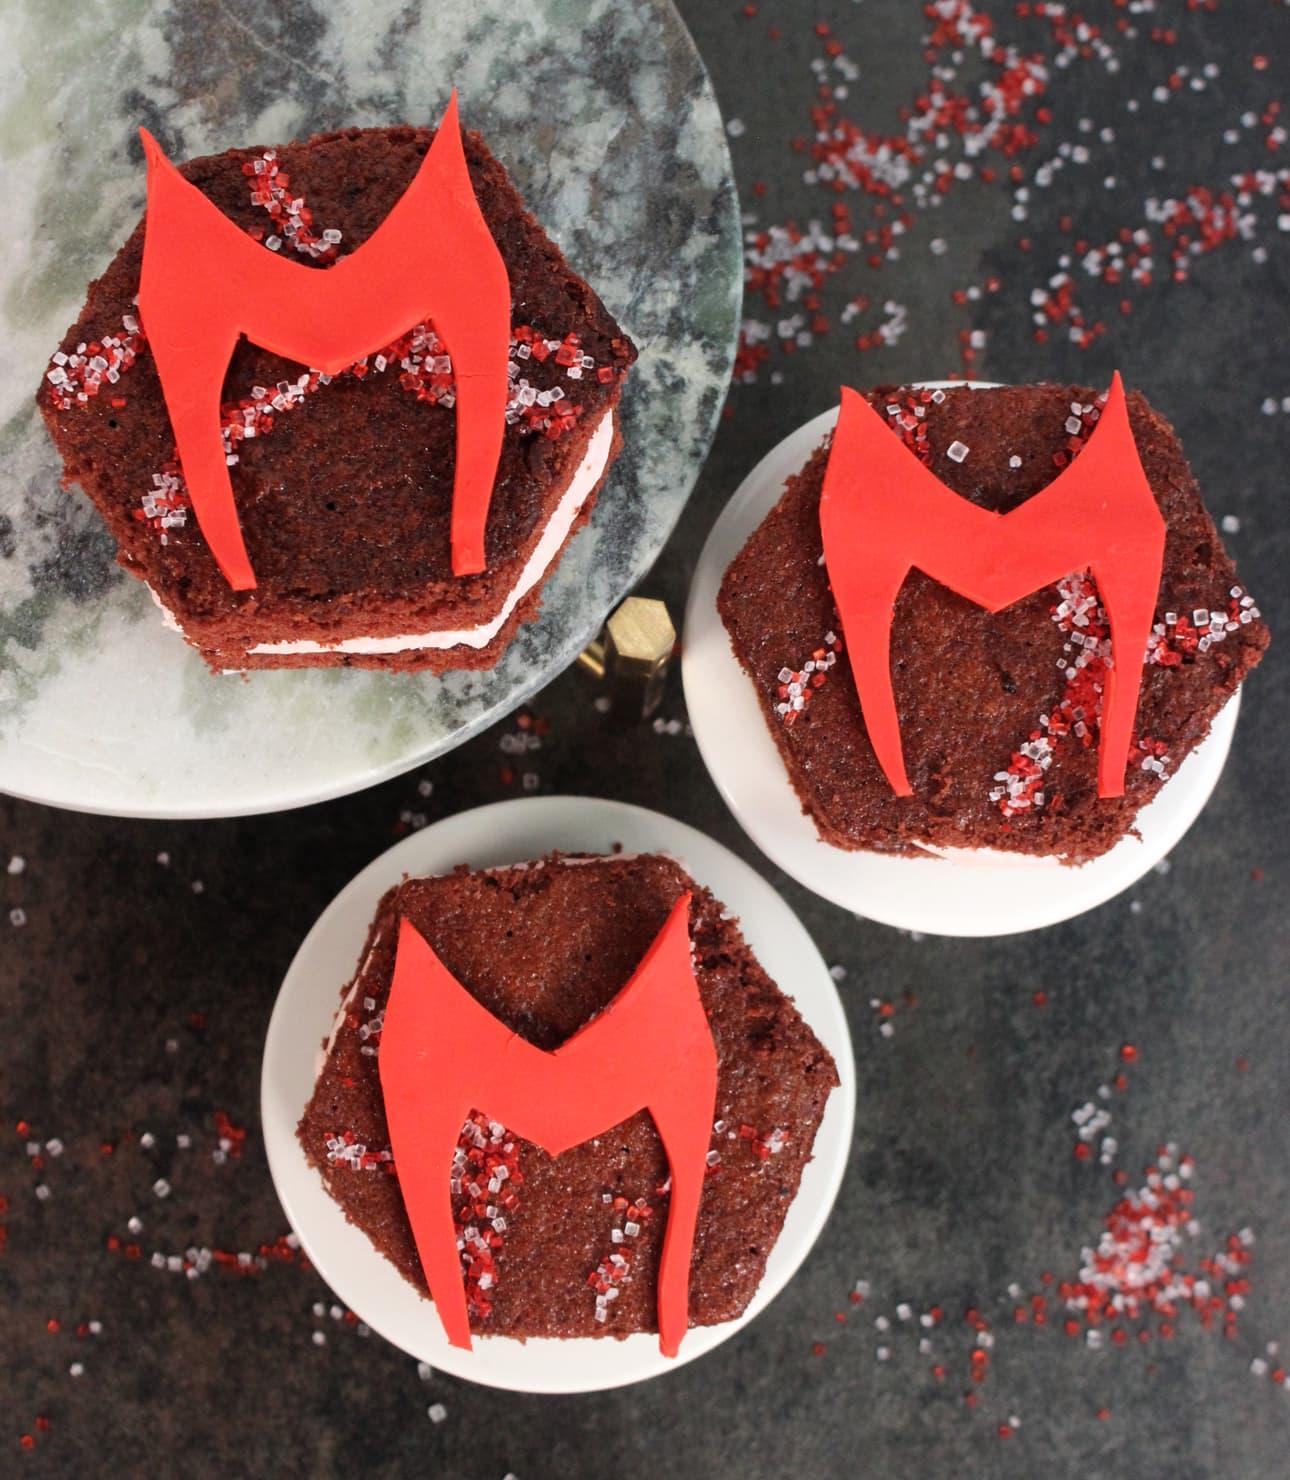 WandaVision Hex Cakes